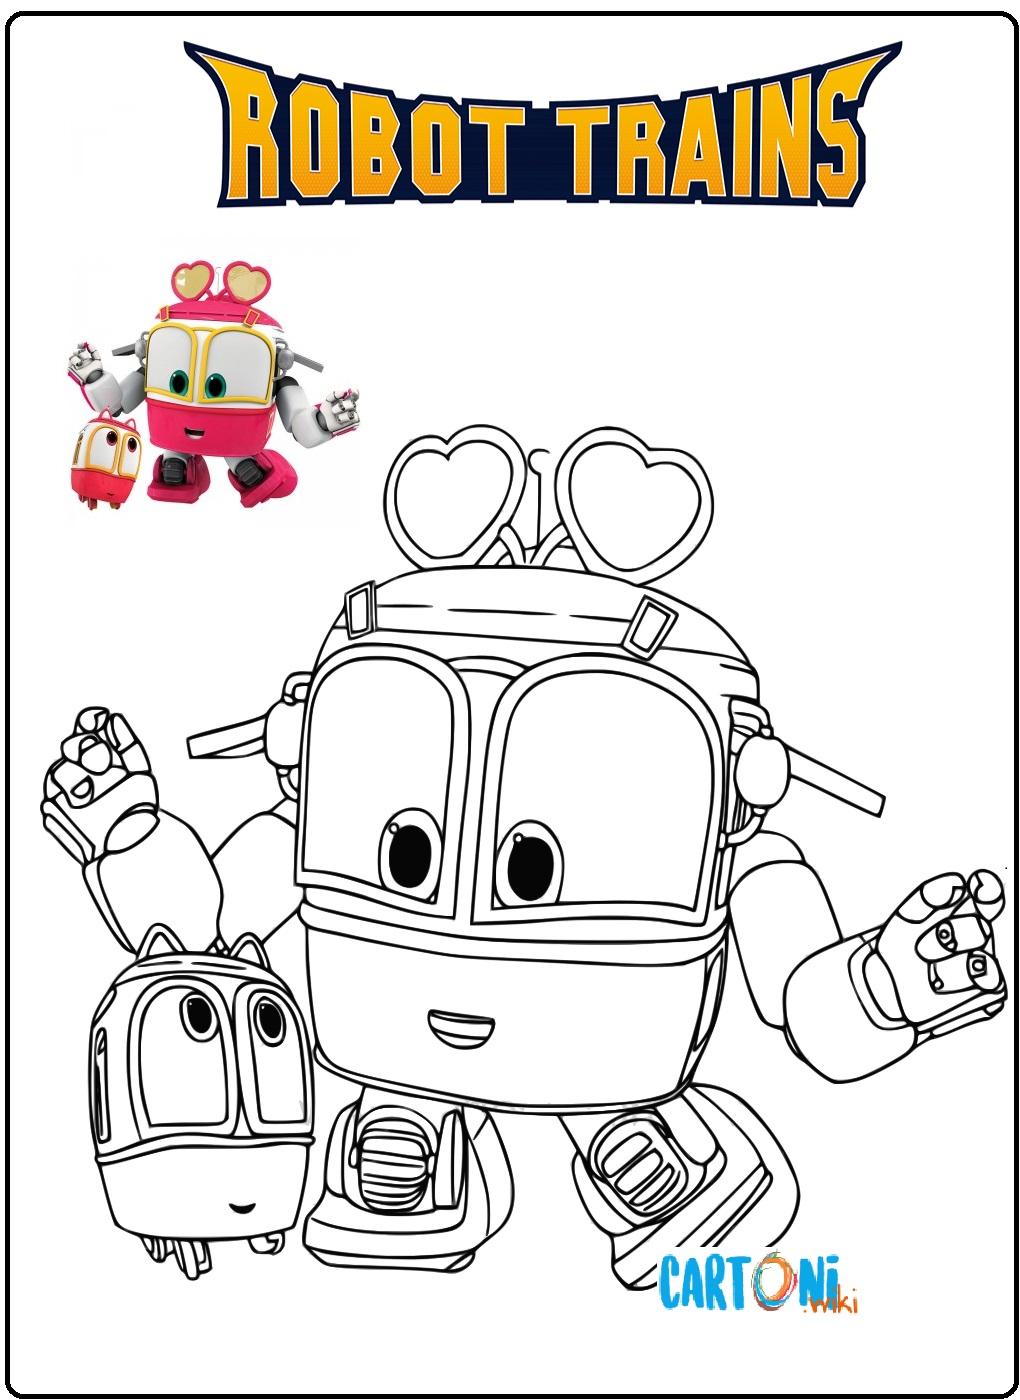 Robot trains disegni da colorare - Disegni da colorare